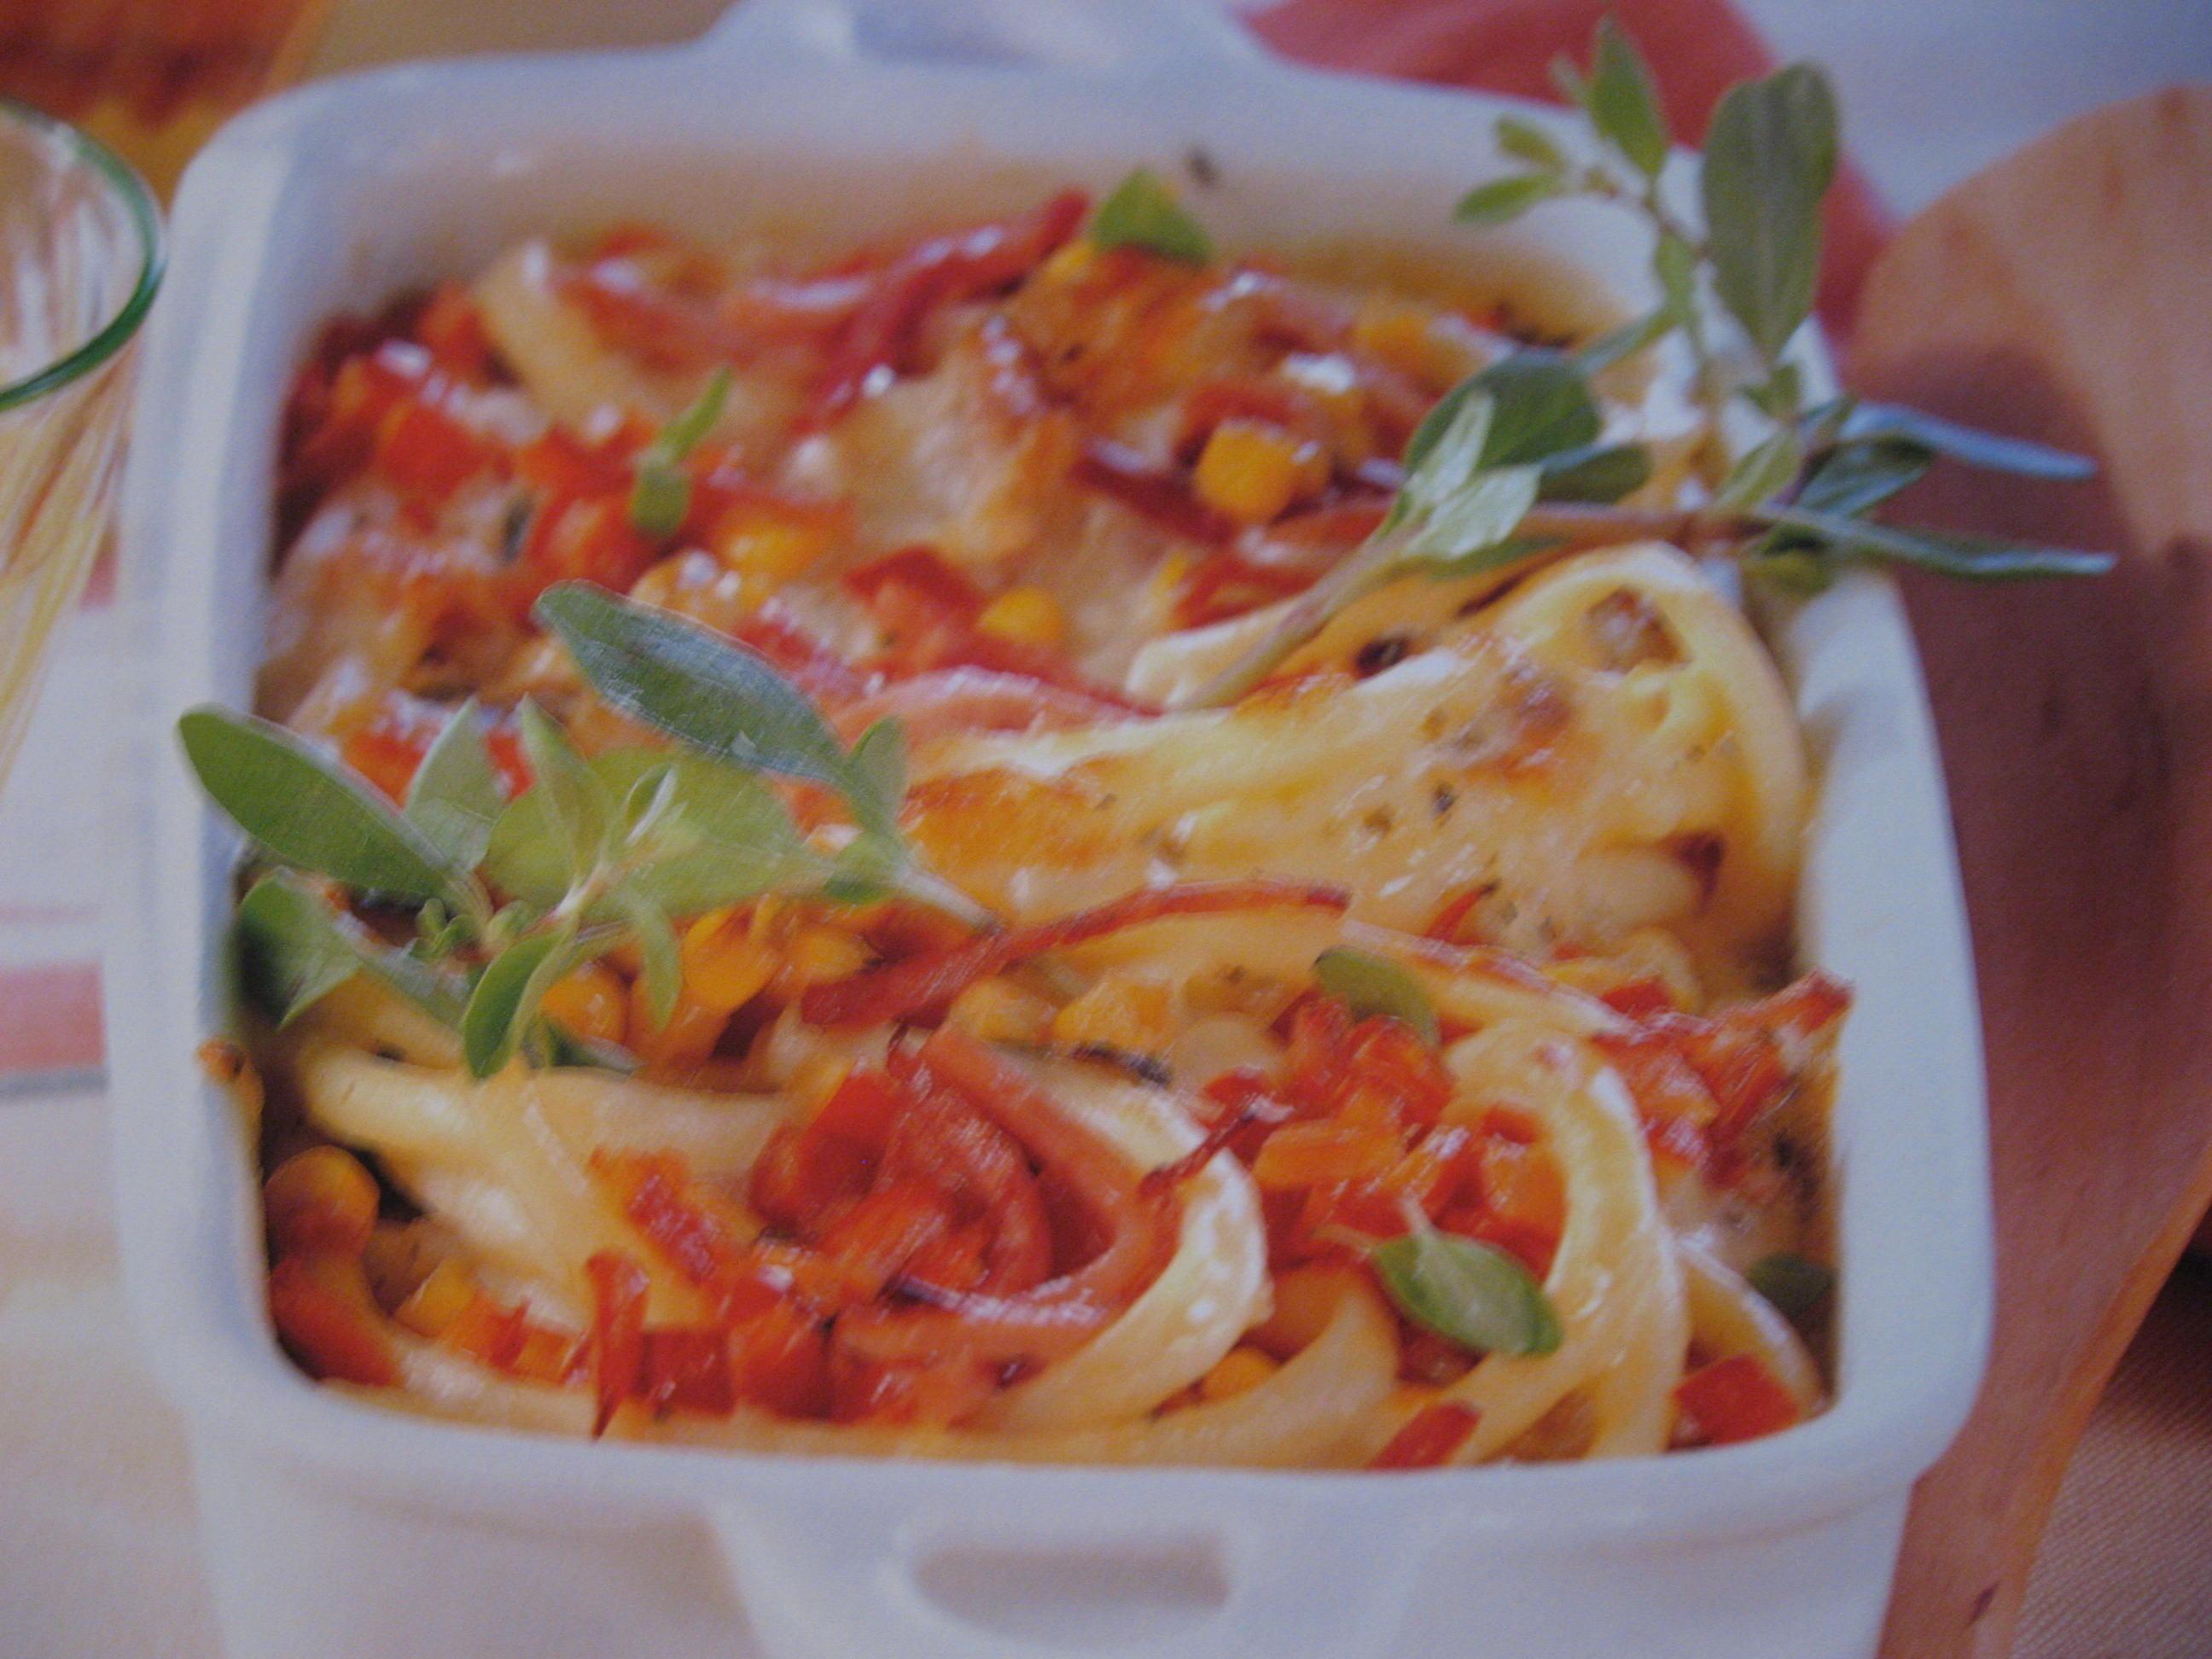 Pestokryddad gratäng med pasta